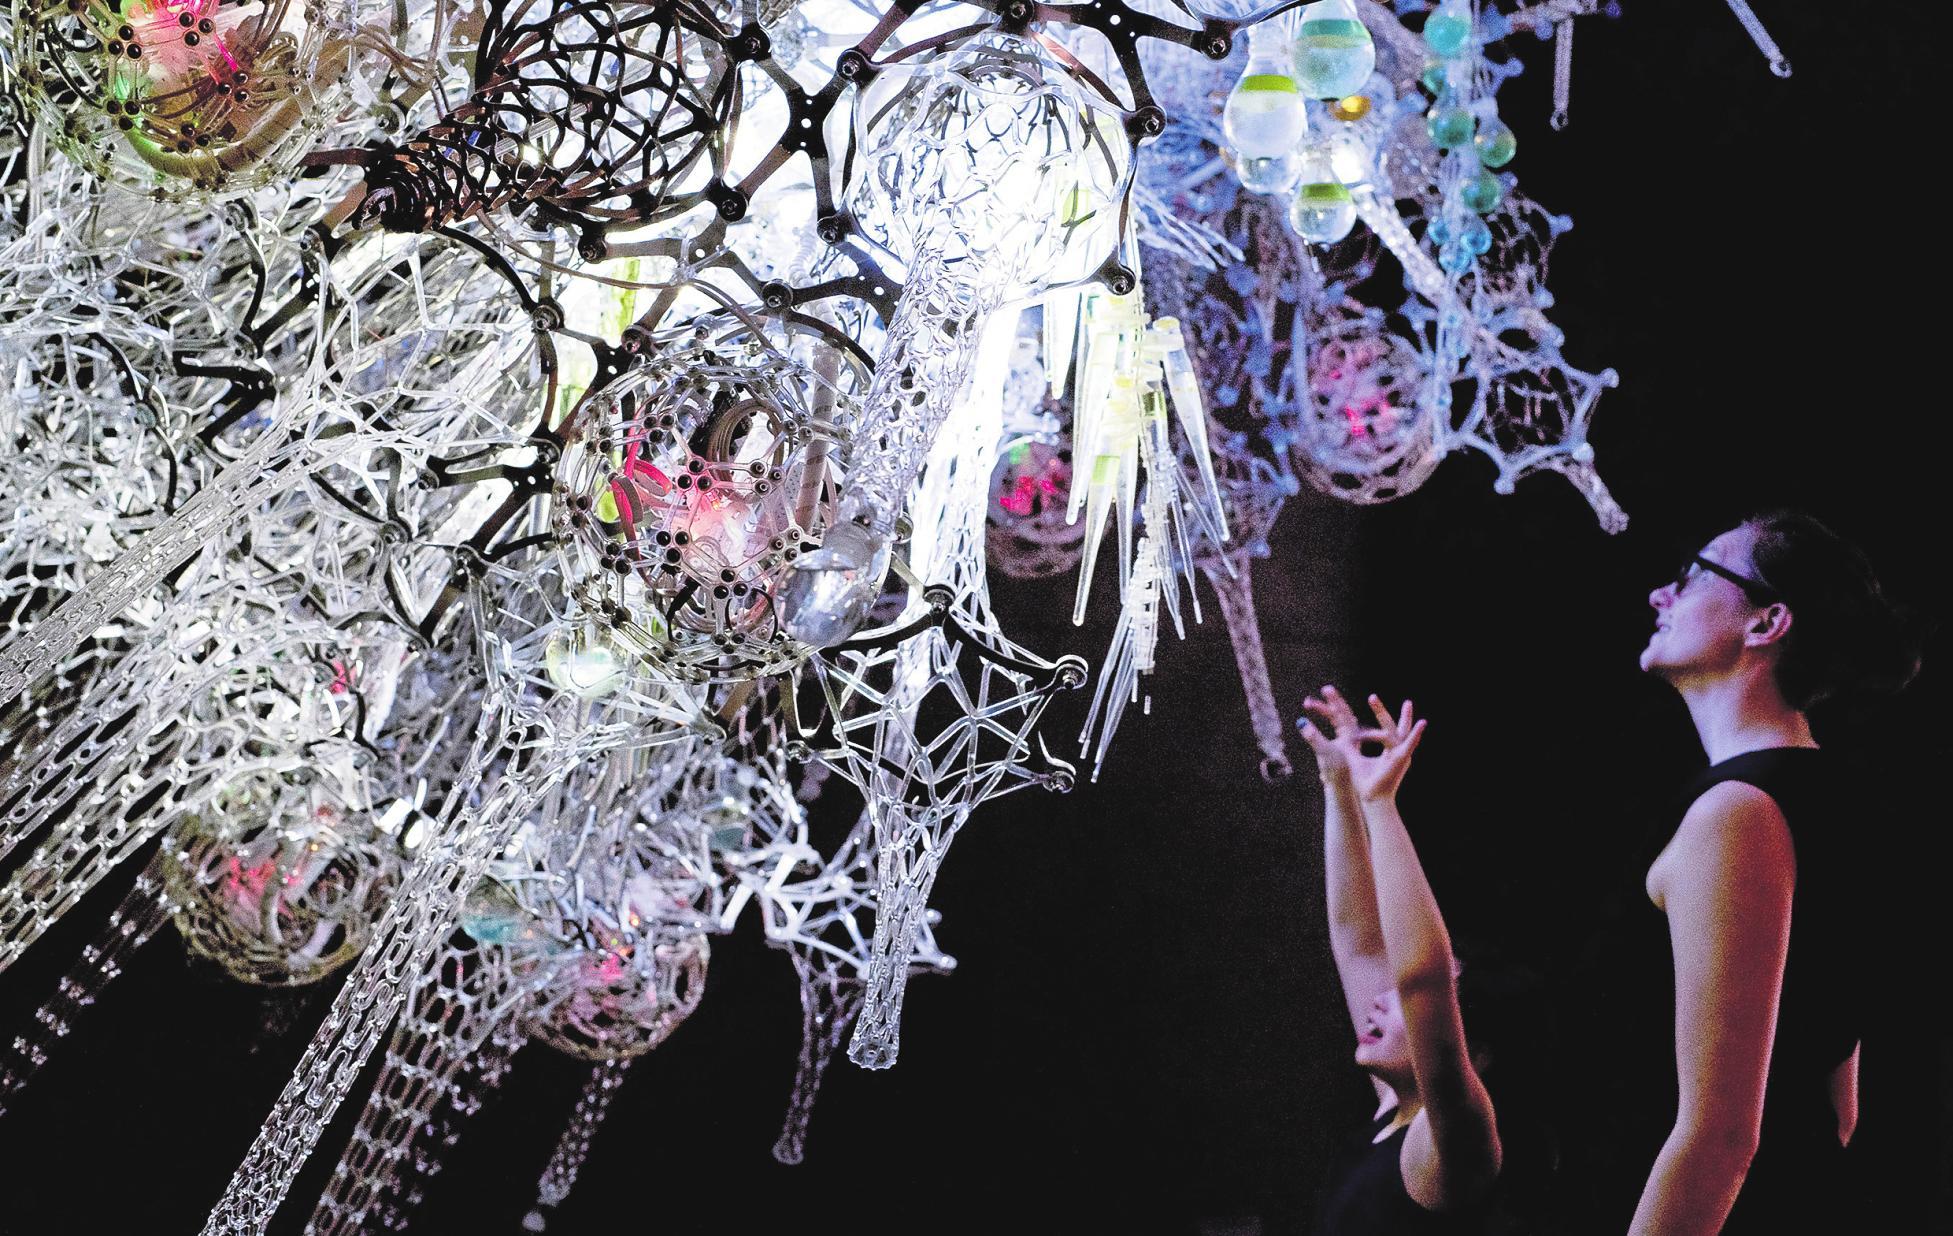 """Die interaktive Installation """"Noosphere"""" des kanadischen Architekten Philip Beesley reagiert erregt auf seine Betrachter. FOTO: SANG LEE"""